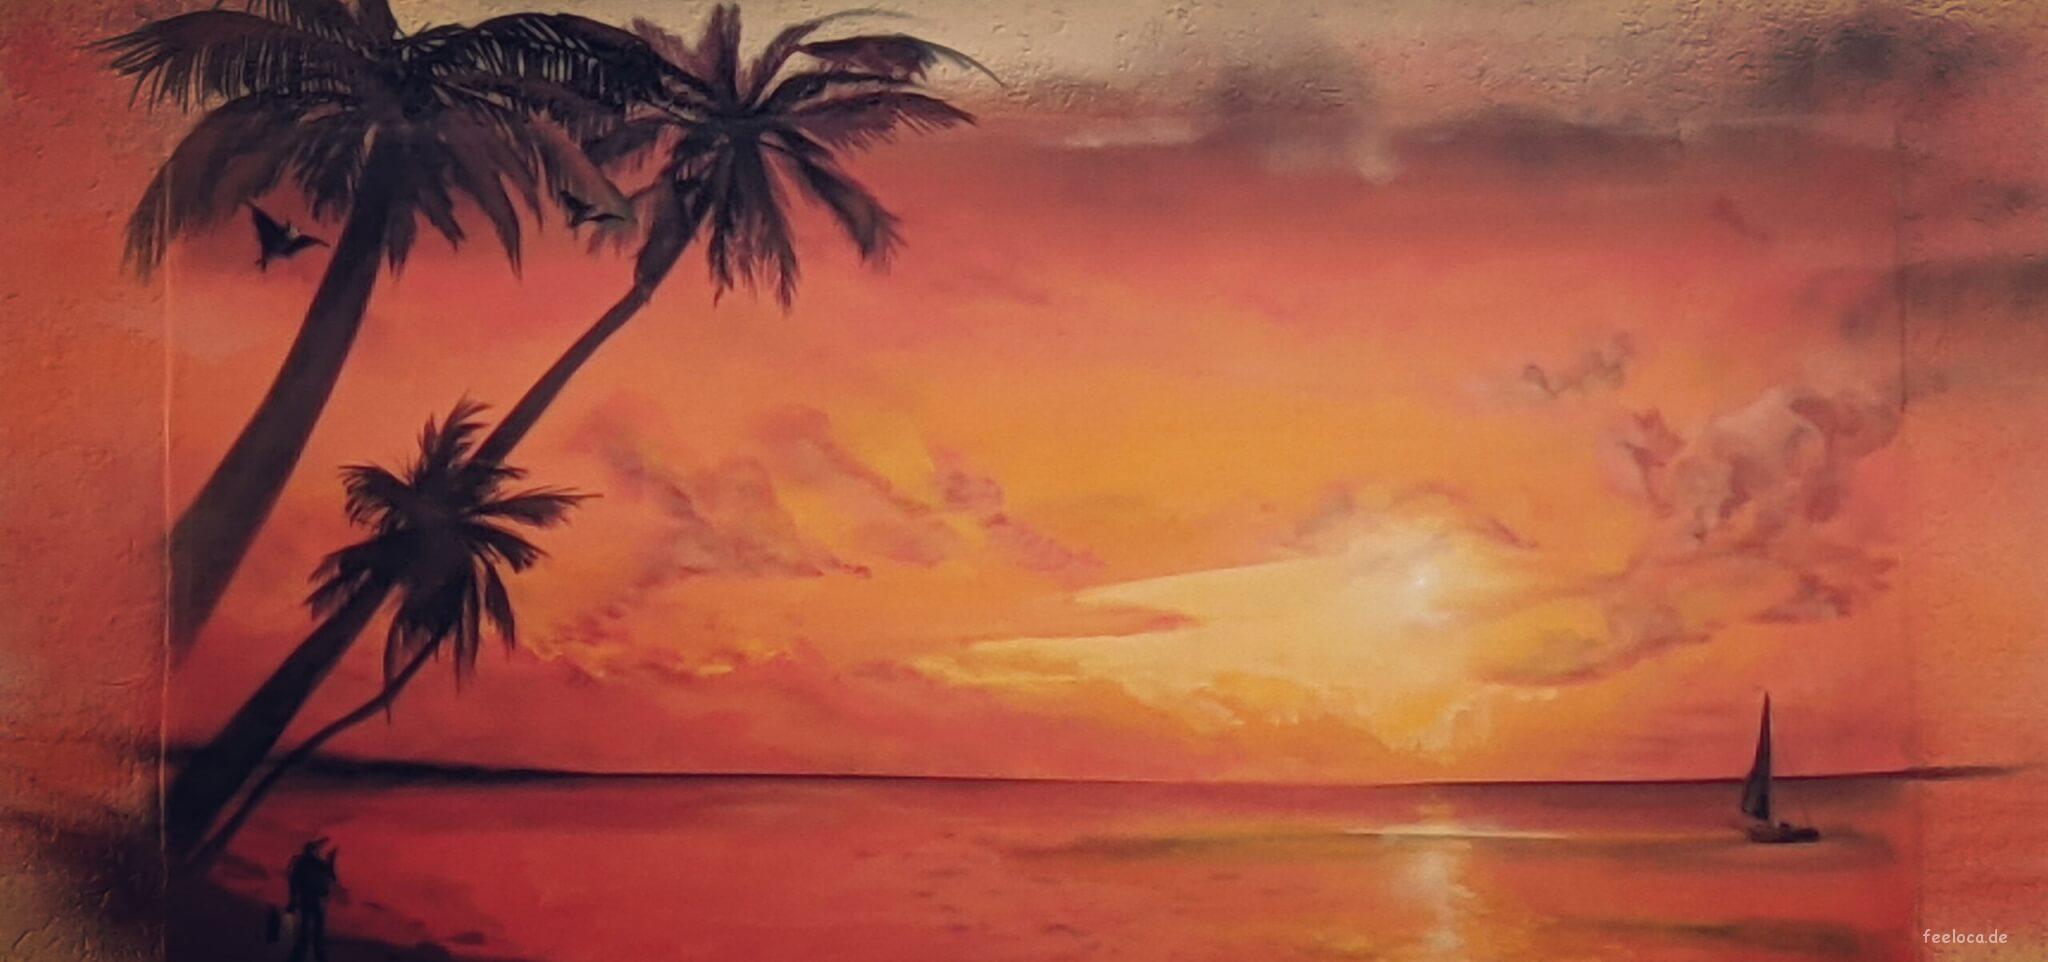 Beach@House